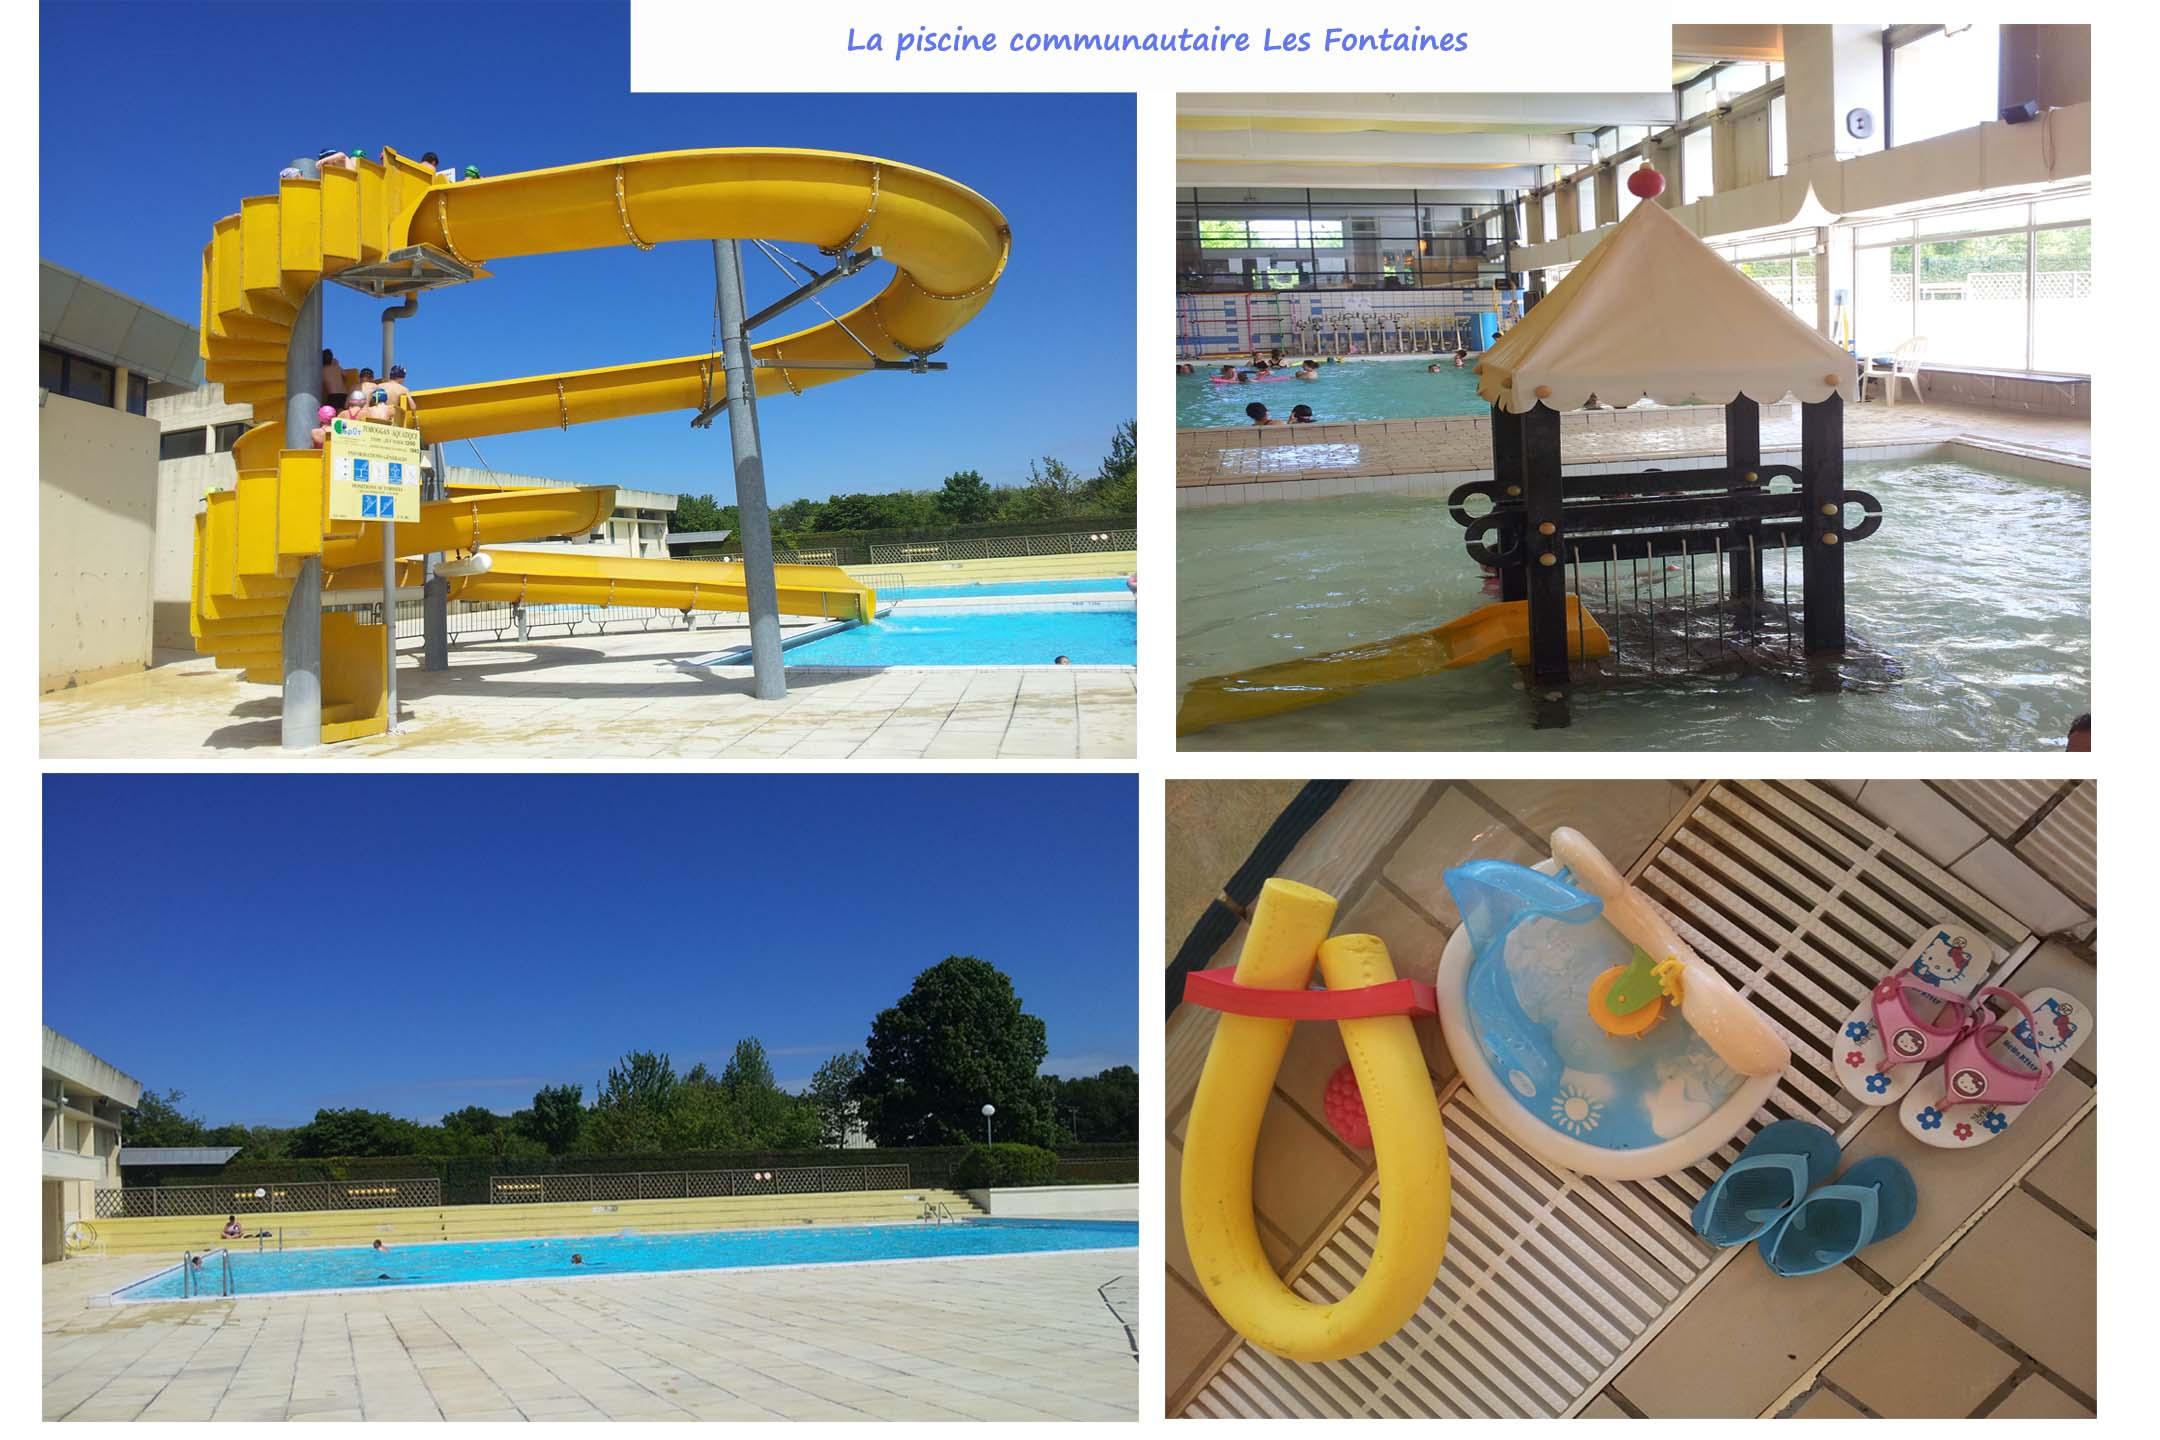 La Piscine Les Fontaines : Ses Prestations, Sa Rénovation ... concernant Piscine Rambouillet